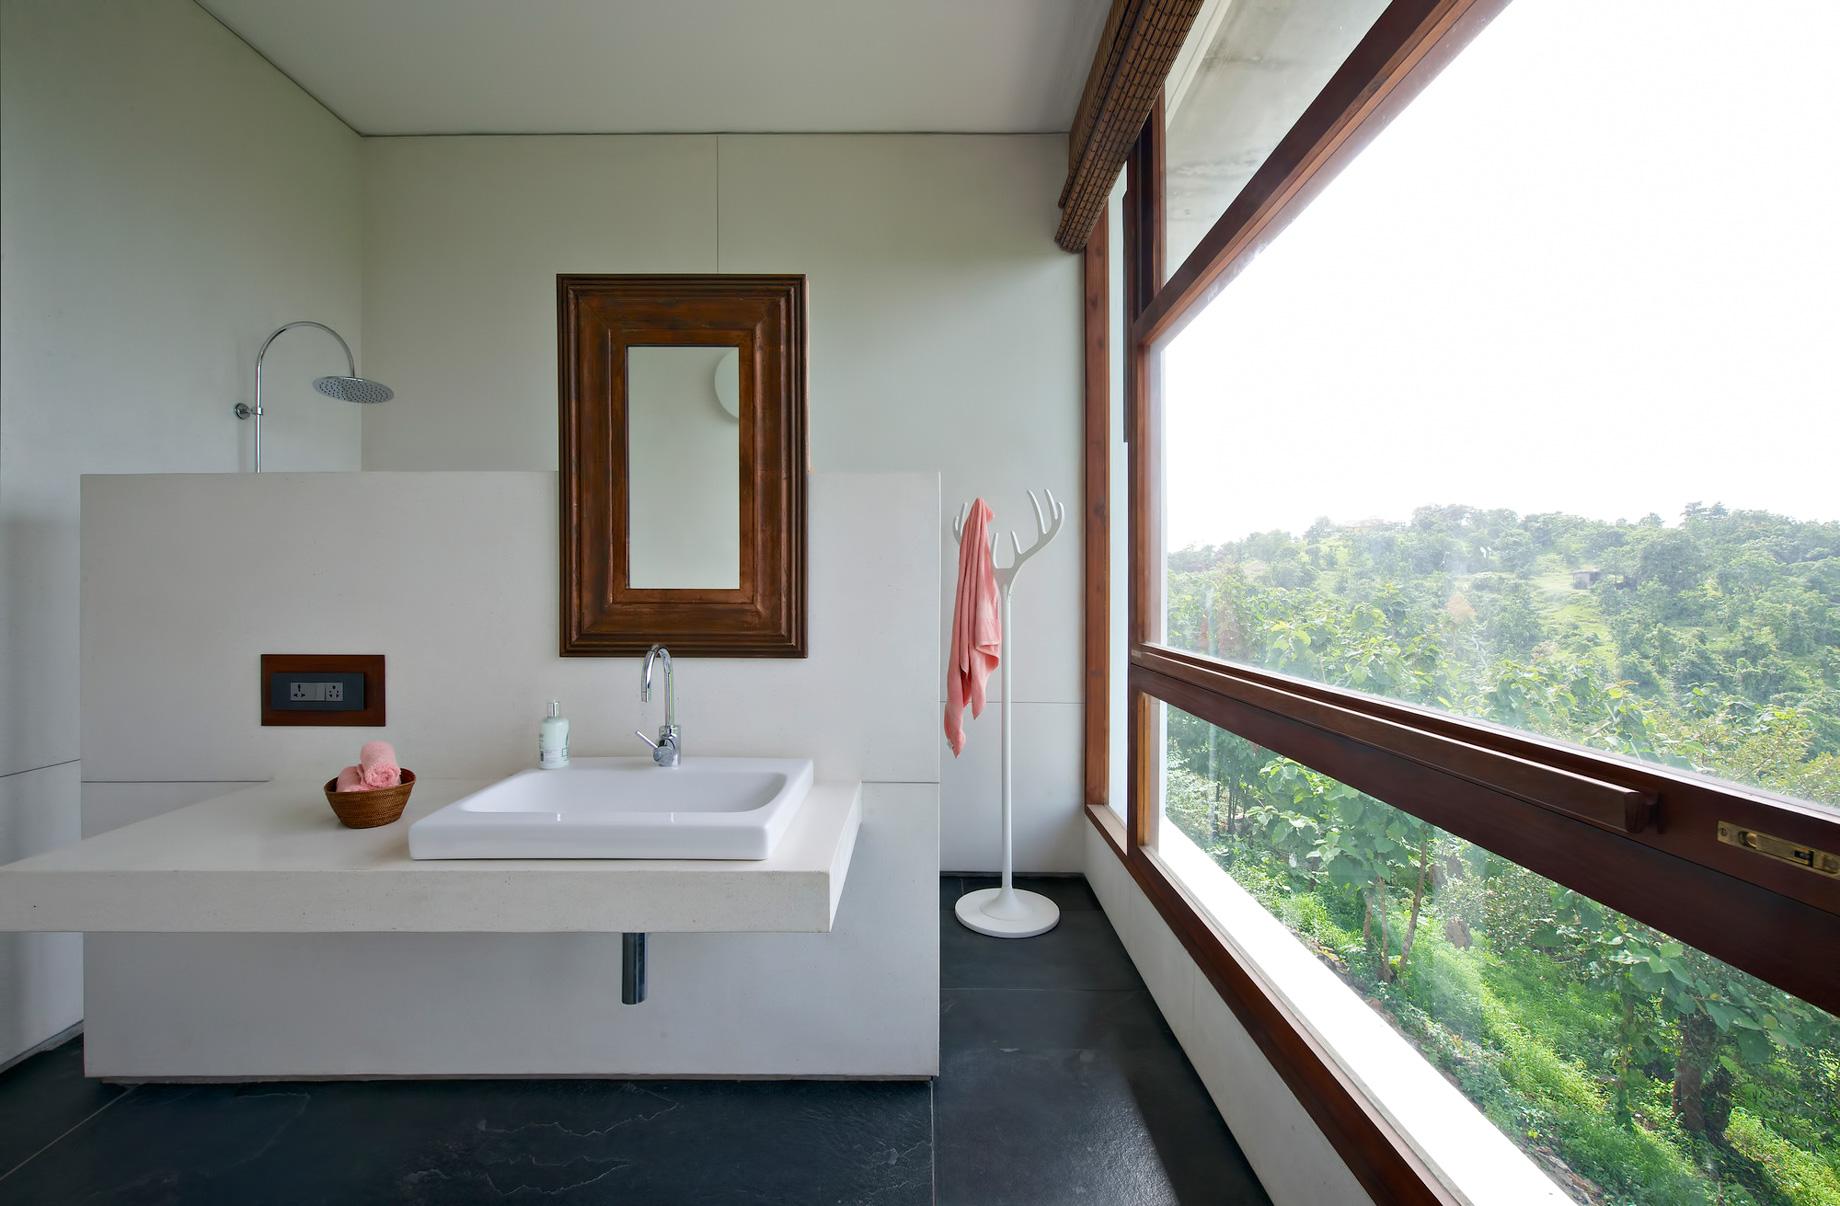 Khopoli House Luxury Residence – Maharashtra, India